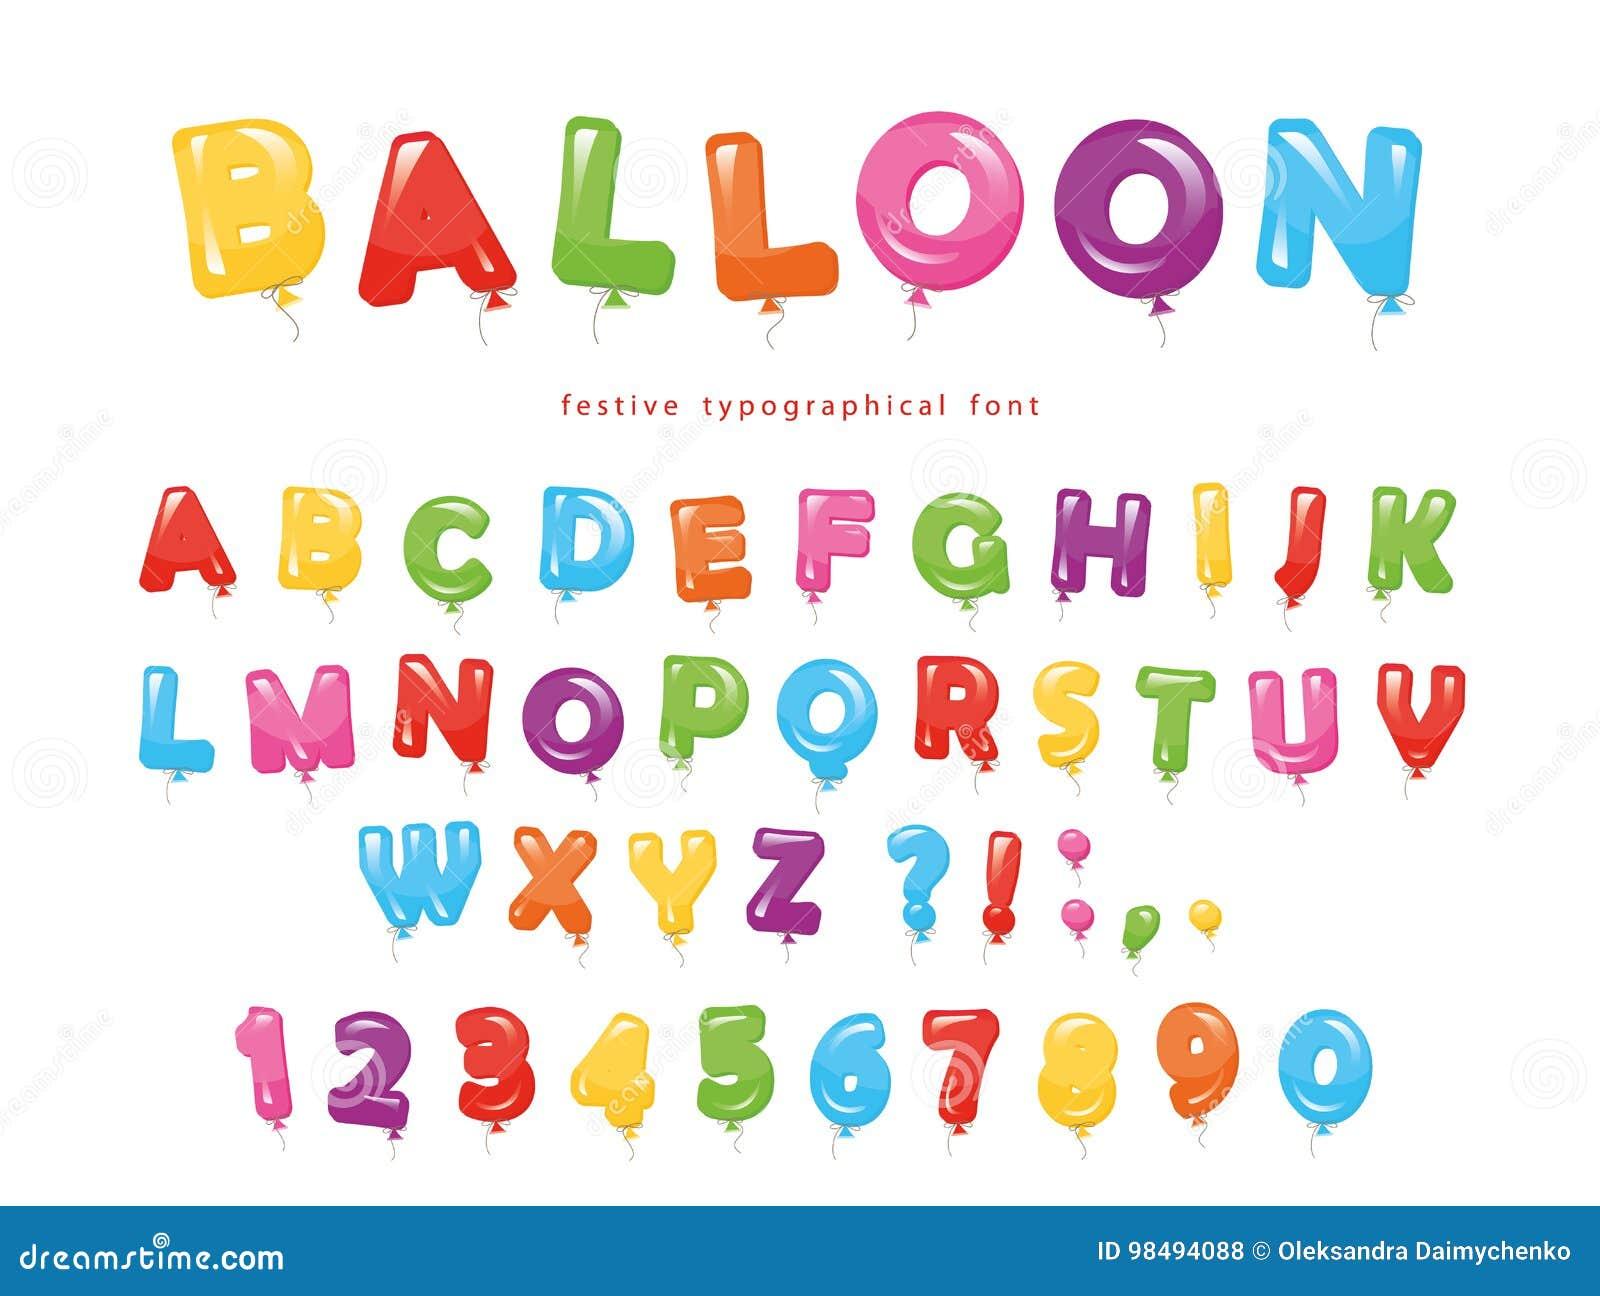 Abc Verjaardag.Ballon Kleurrijke Doopvont De Feestelijke Glanzende Letters